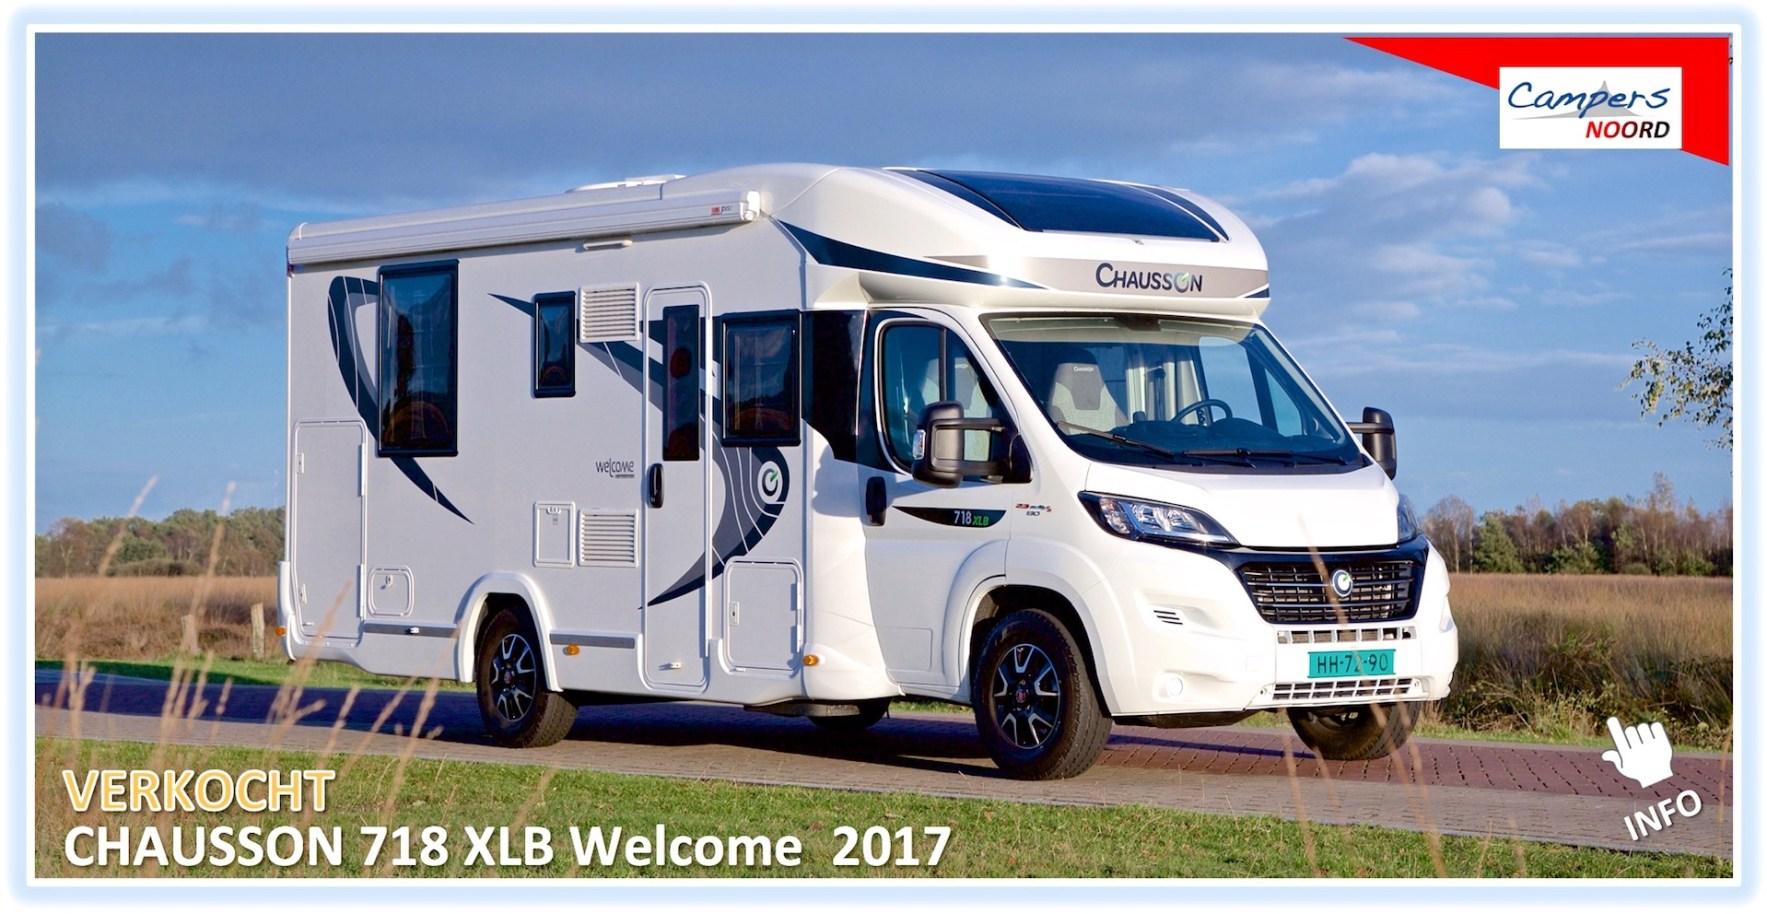 Campers te koop Chausson 718 XLB Welcome Campers Noord